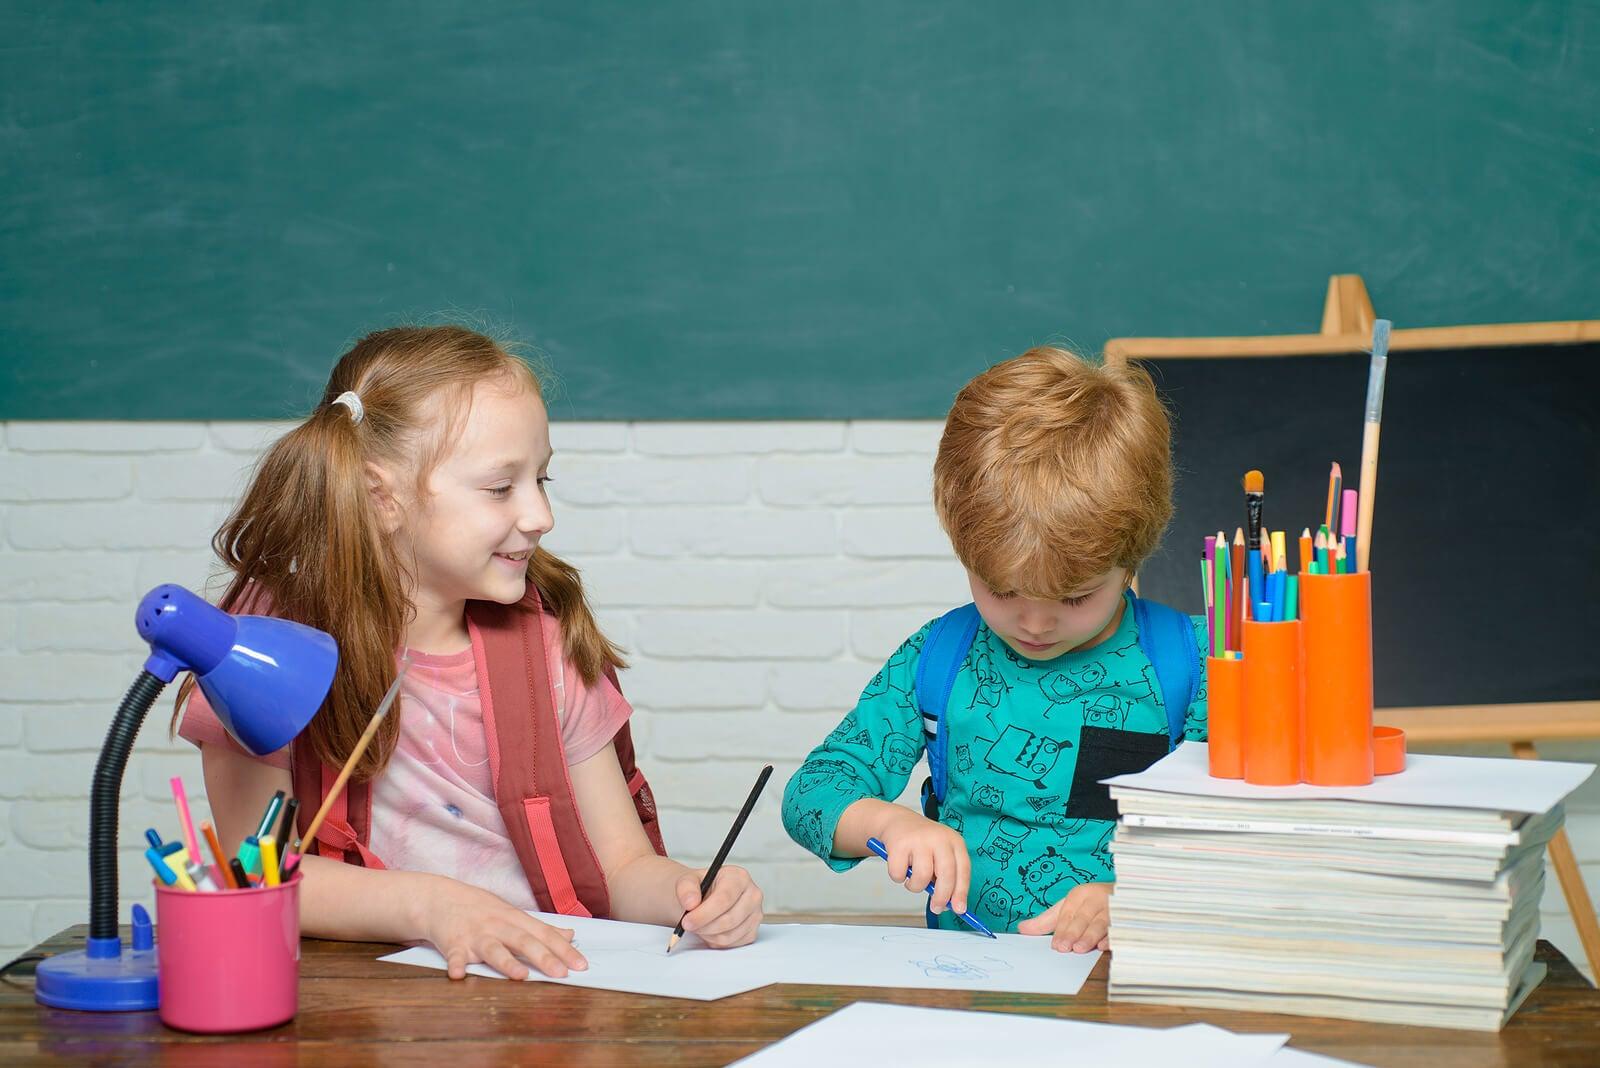 Niños en el colegio estudiando.